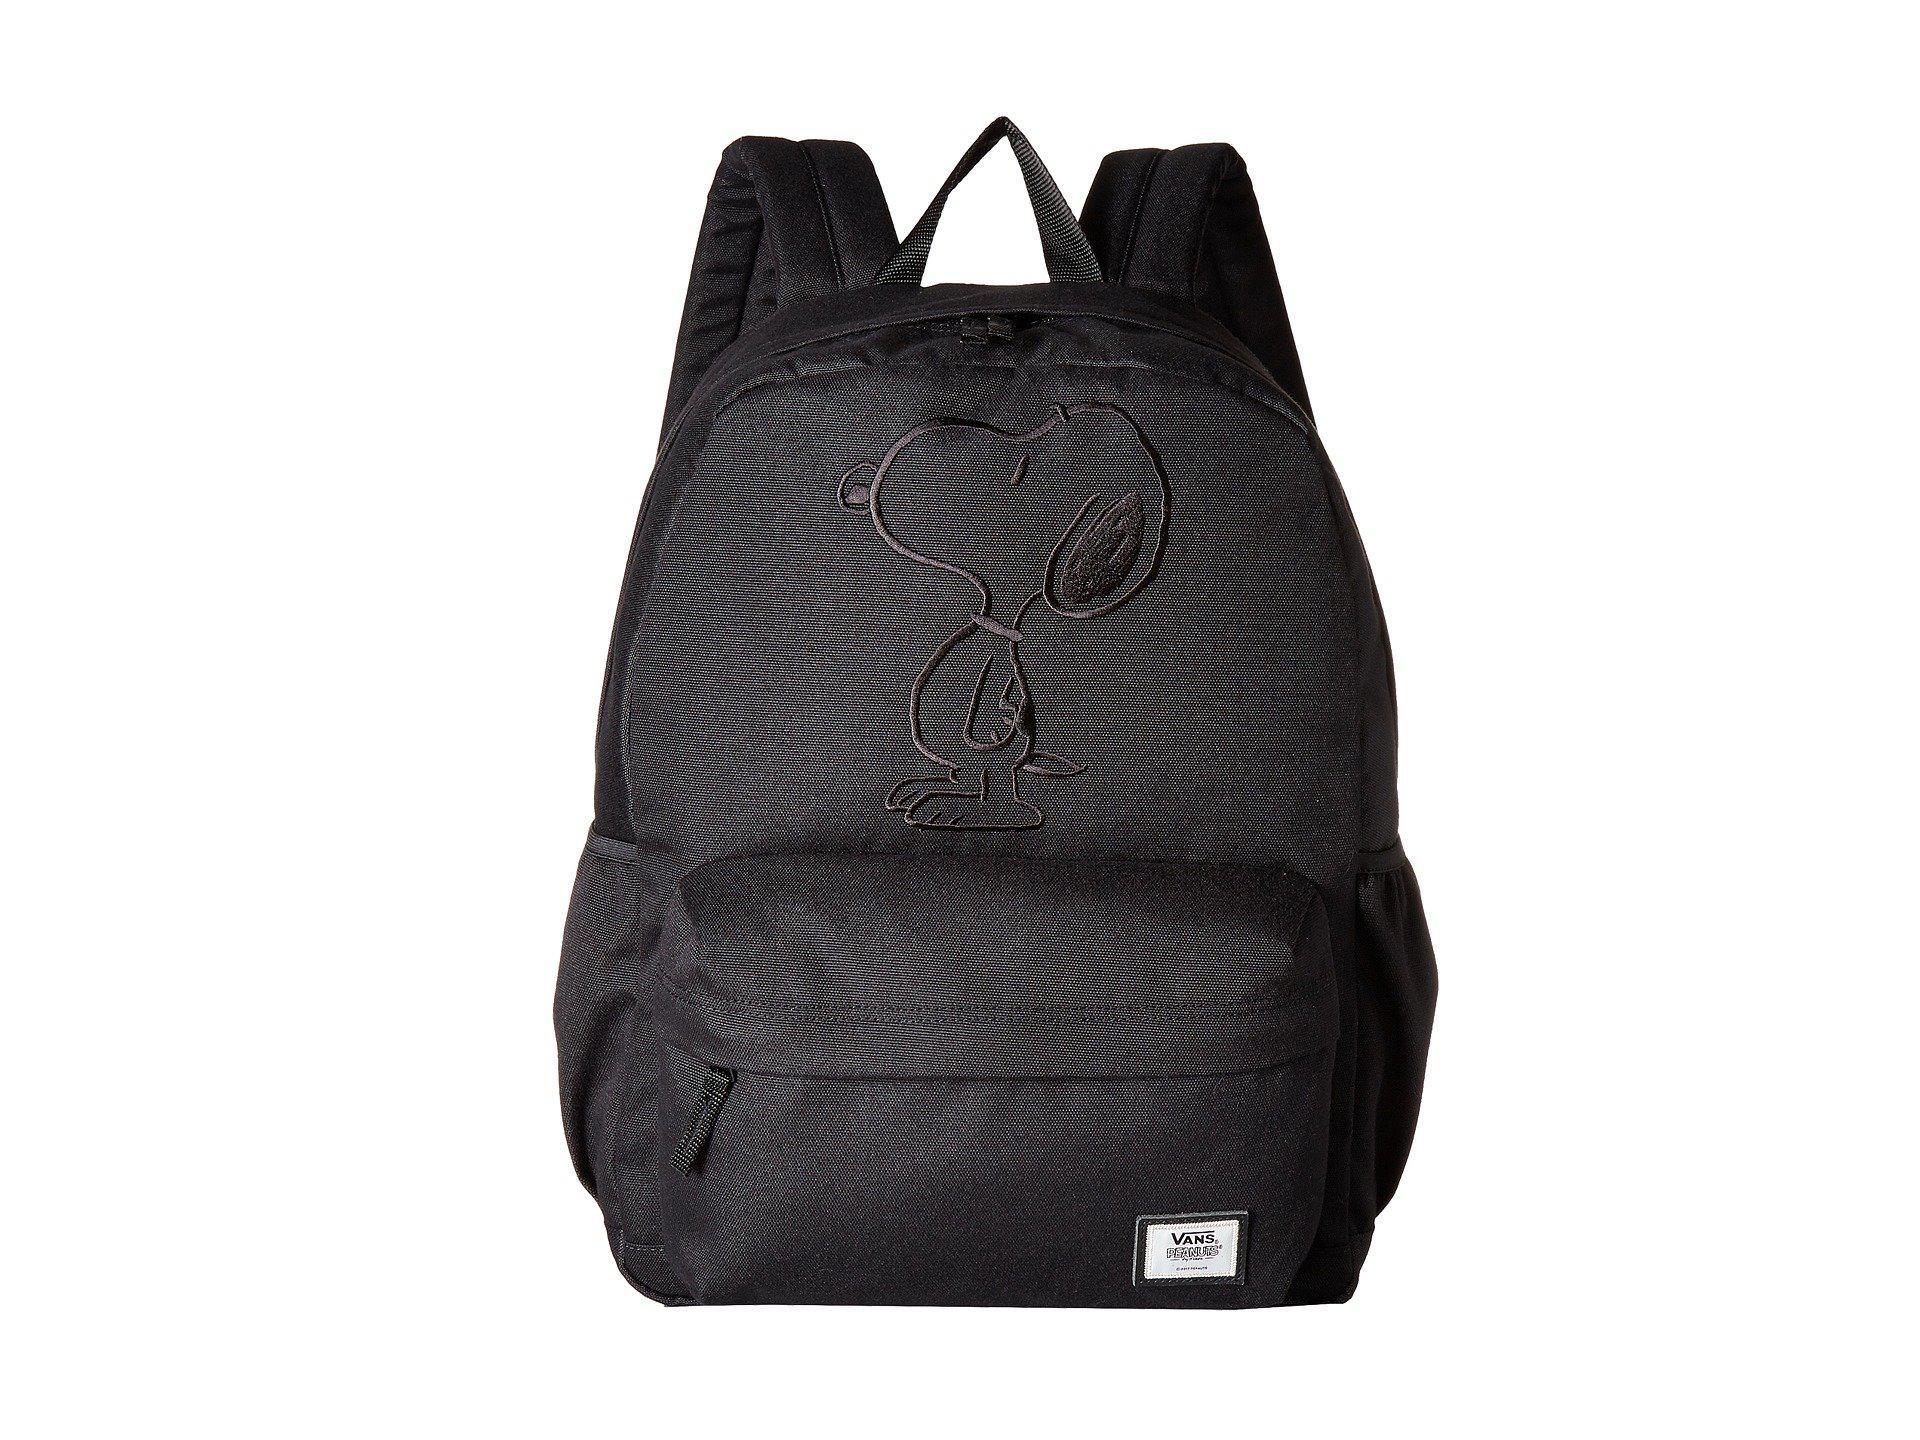 f0df1237351 Lyst - Vans Peanuts Tonal Realm Plus Backpack in Black